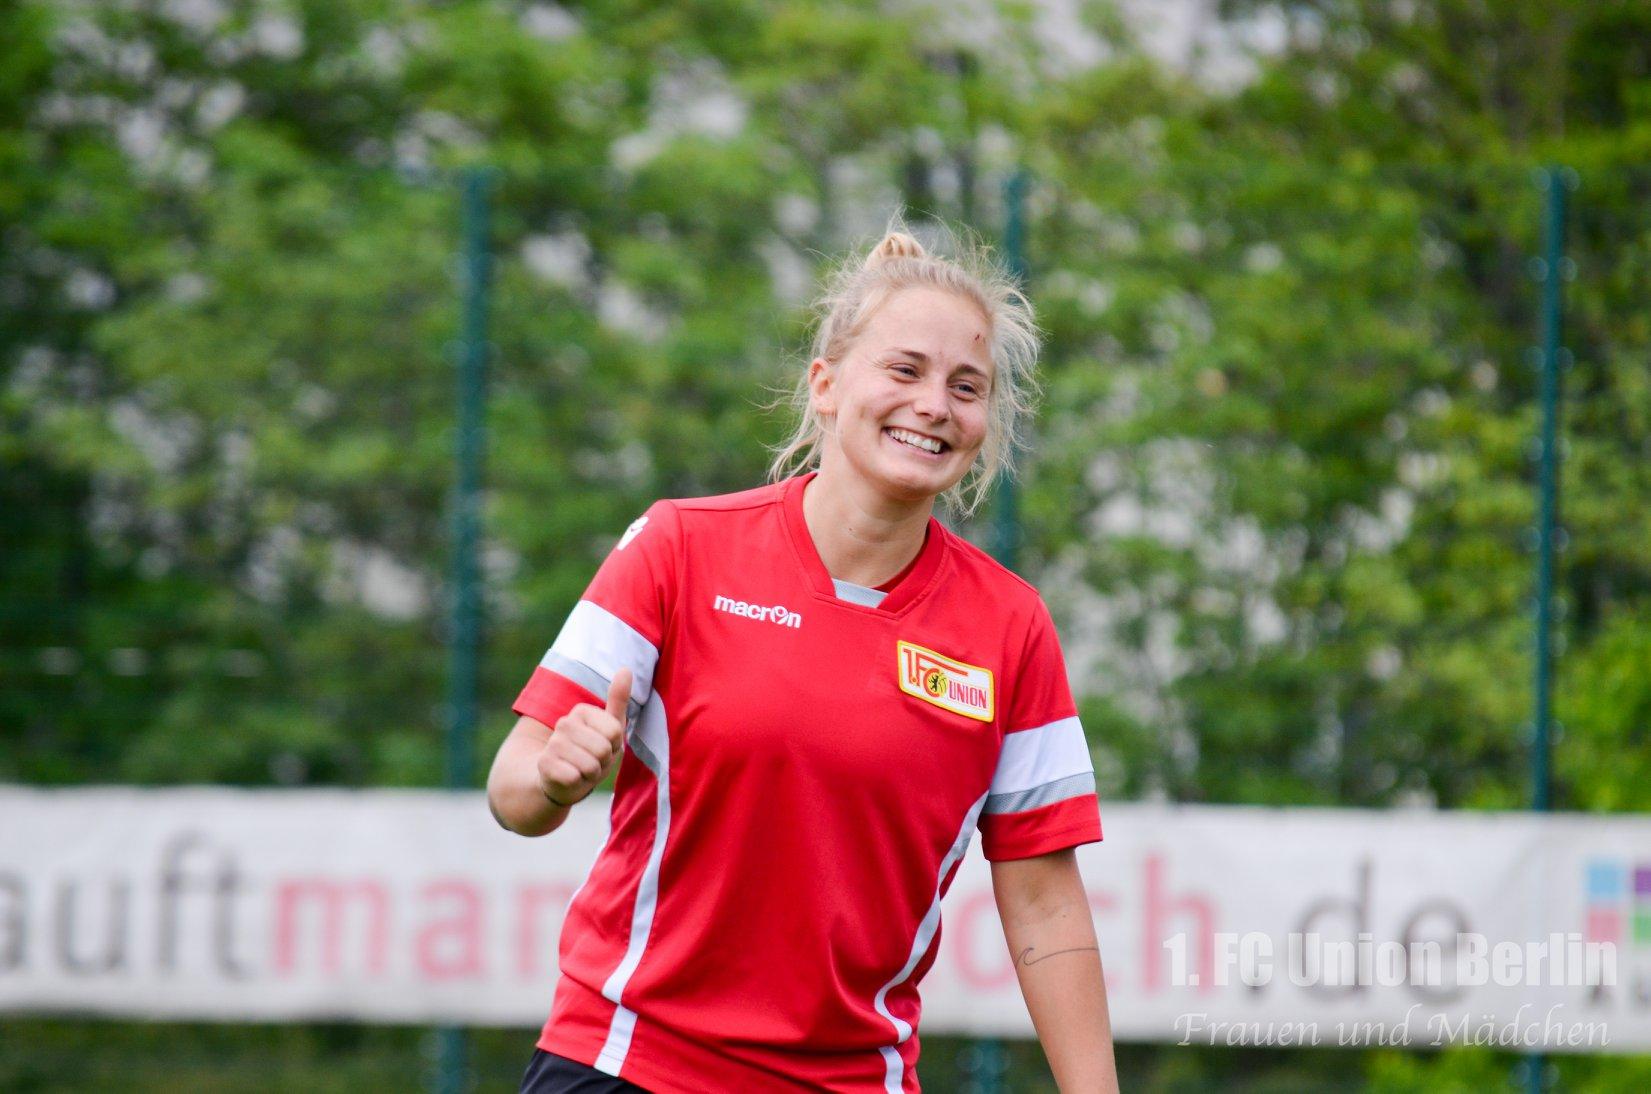 Bild vom ersten Training nach der langen Corona-Pause, Foto: 1. FC Union Berlin Frauen